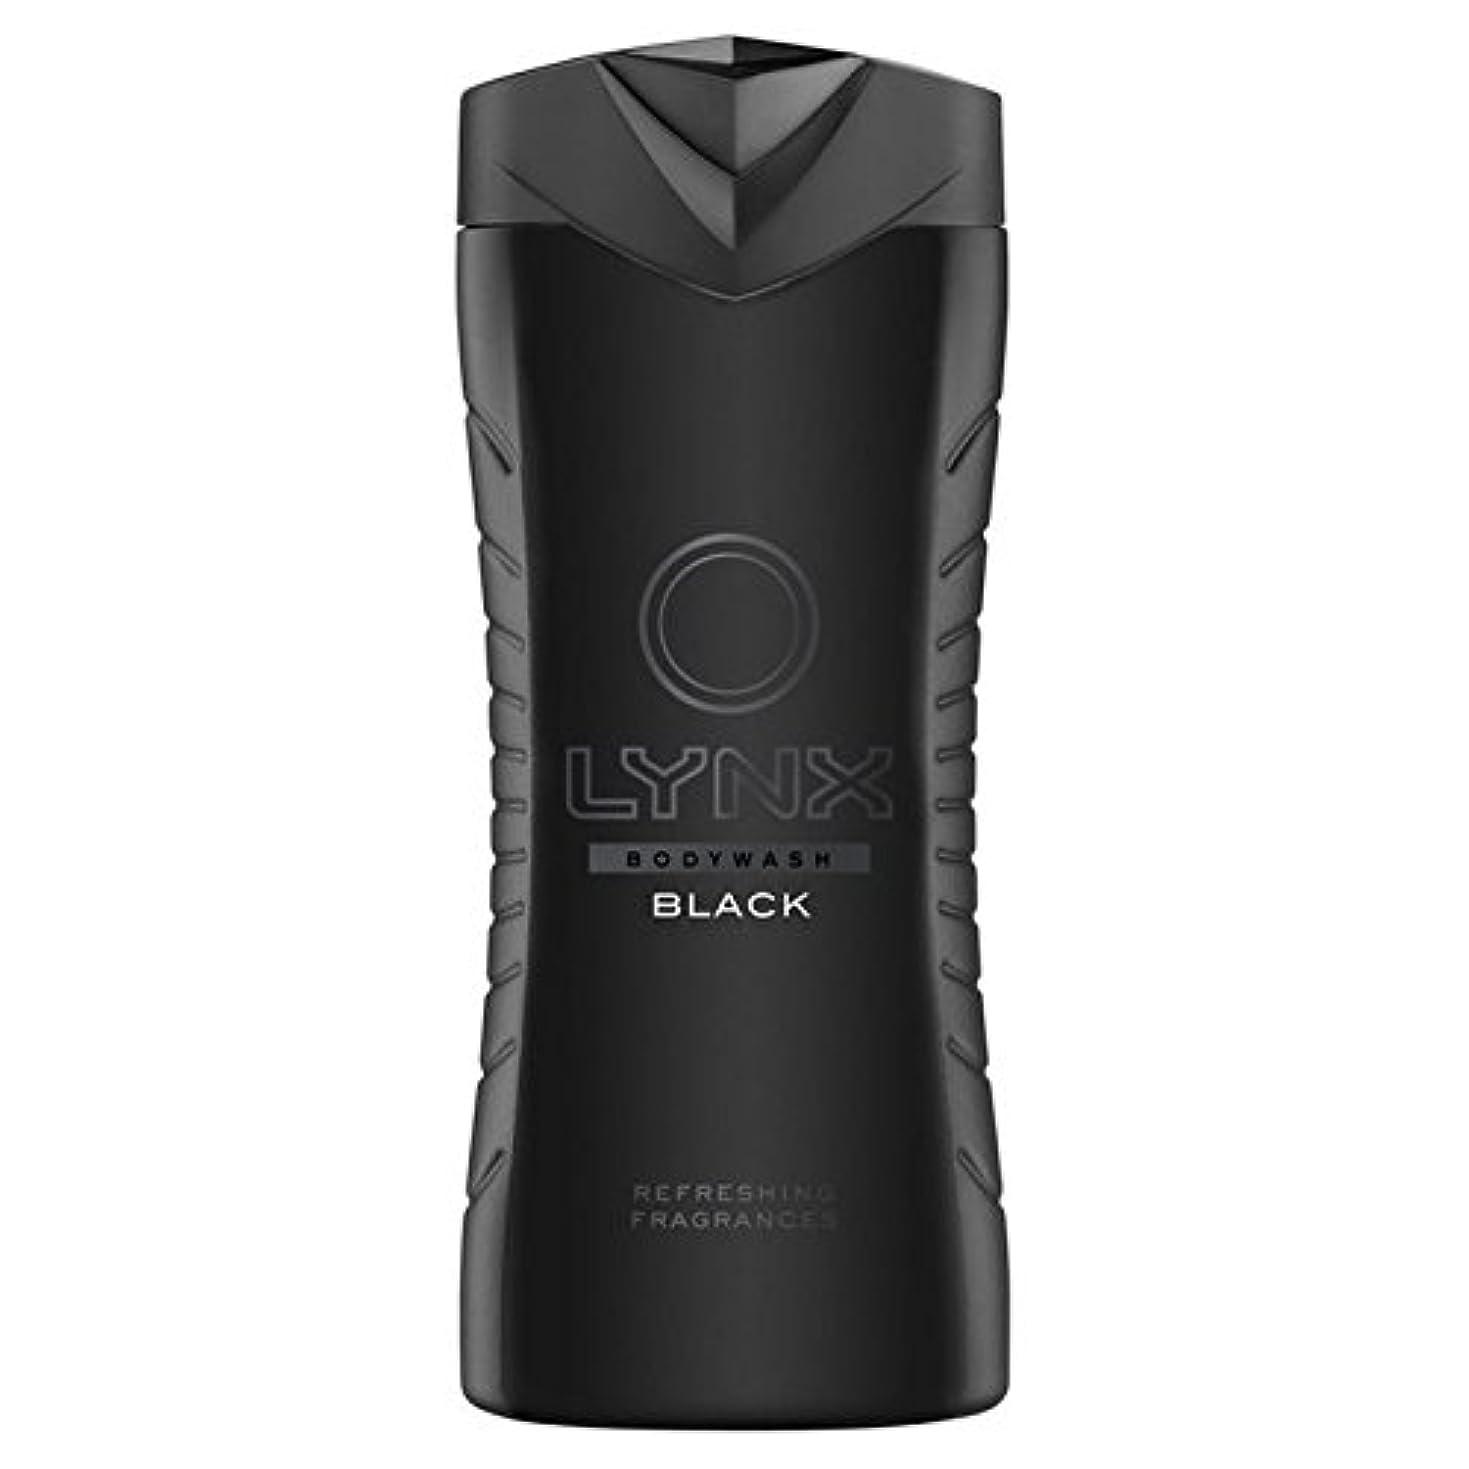 絶対に試み目指すLynx Black Shower Gel 400ml (Pack of 6) - オオヤマネコブラックシャワージェル400ミリリットル x6 [並行輸入品]